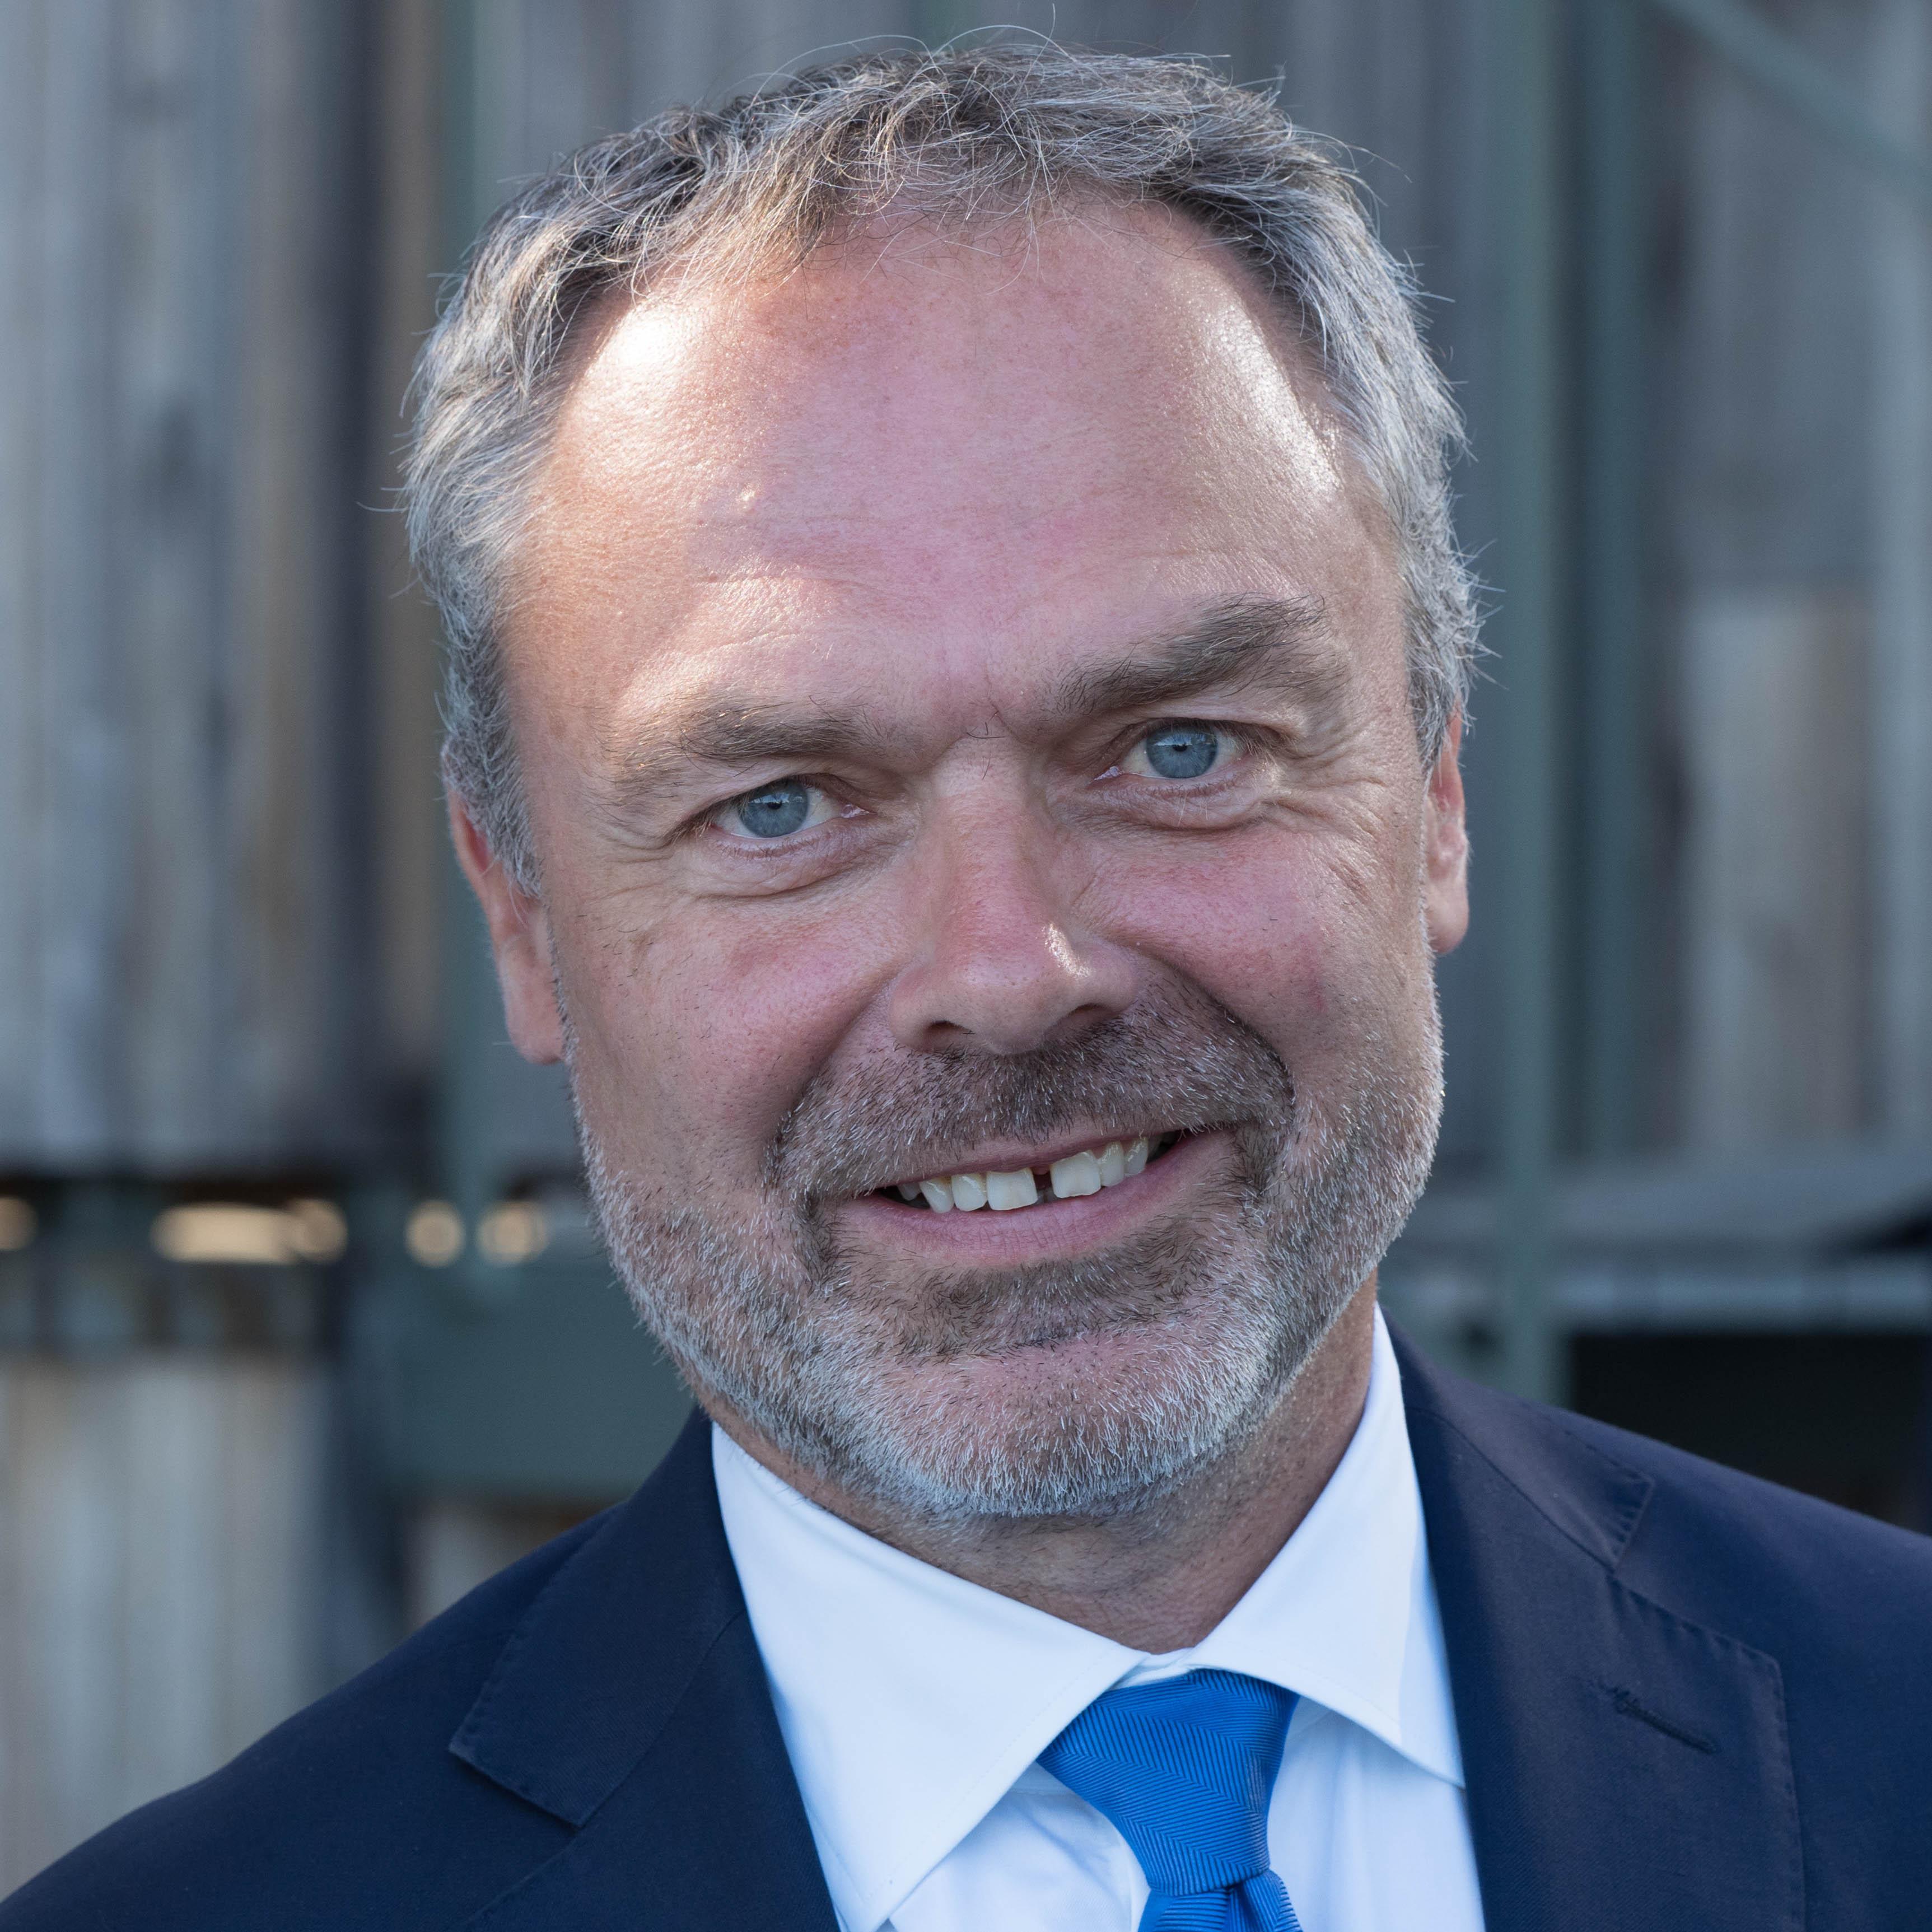 Partipolitiken bort fran sveriges radio